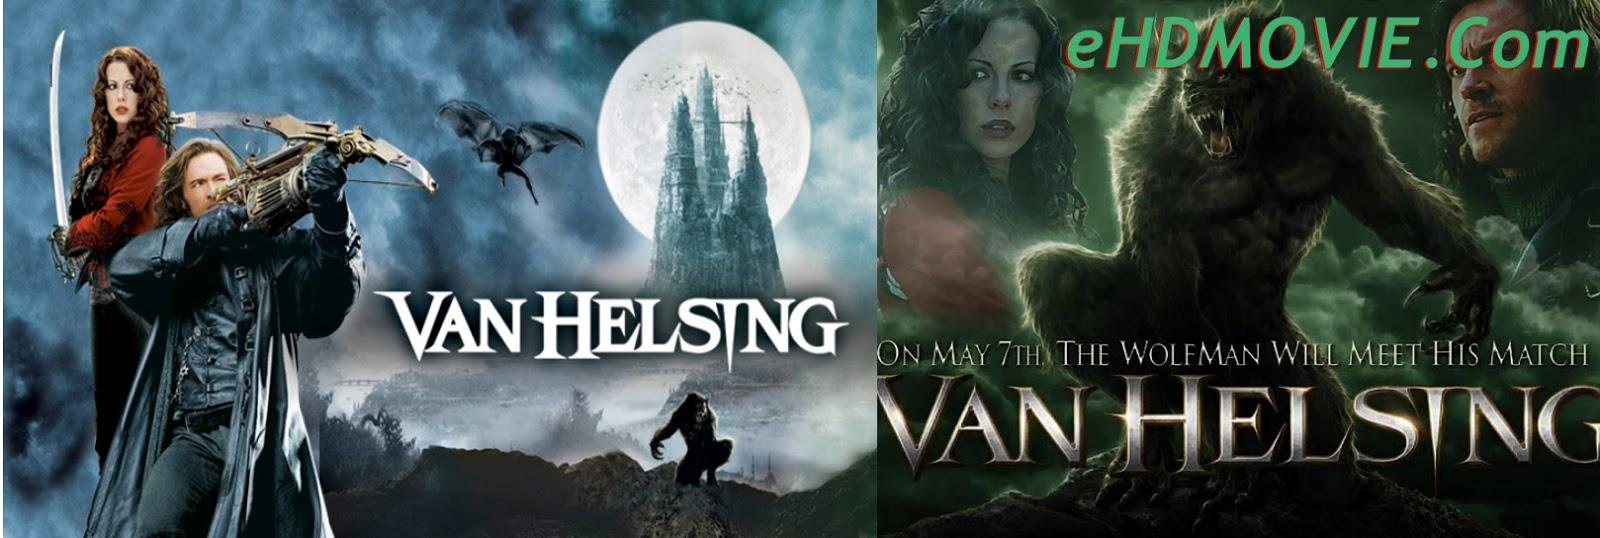 Van Helsing 2004 Full Movie Dual Audio [Hindi – English] 720p - 480p ORG BRRip 450MB – 1GB ESubs Free Download